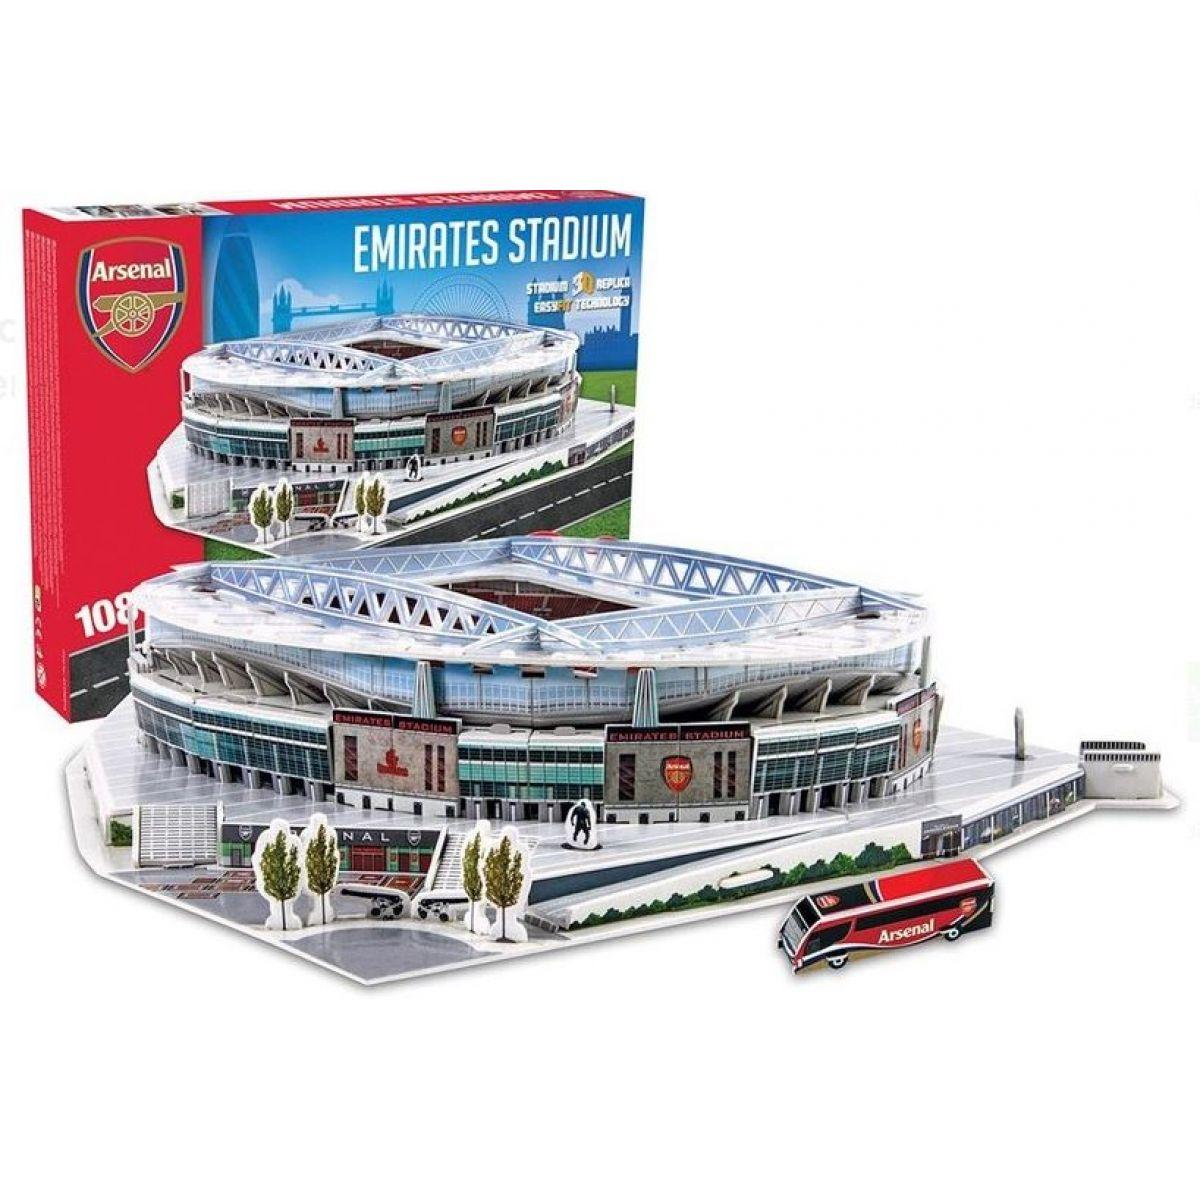 Nanostad 3D Puzzle Emirates Stadium - Arsenal